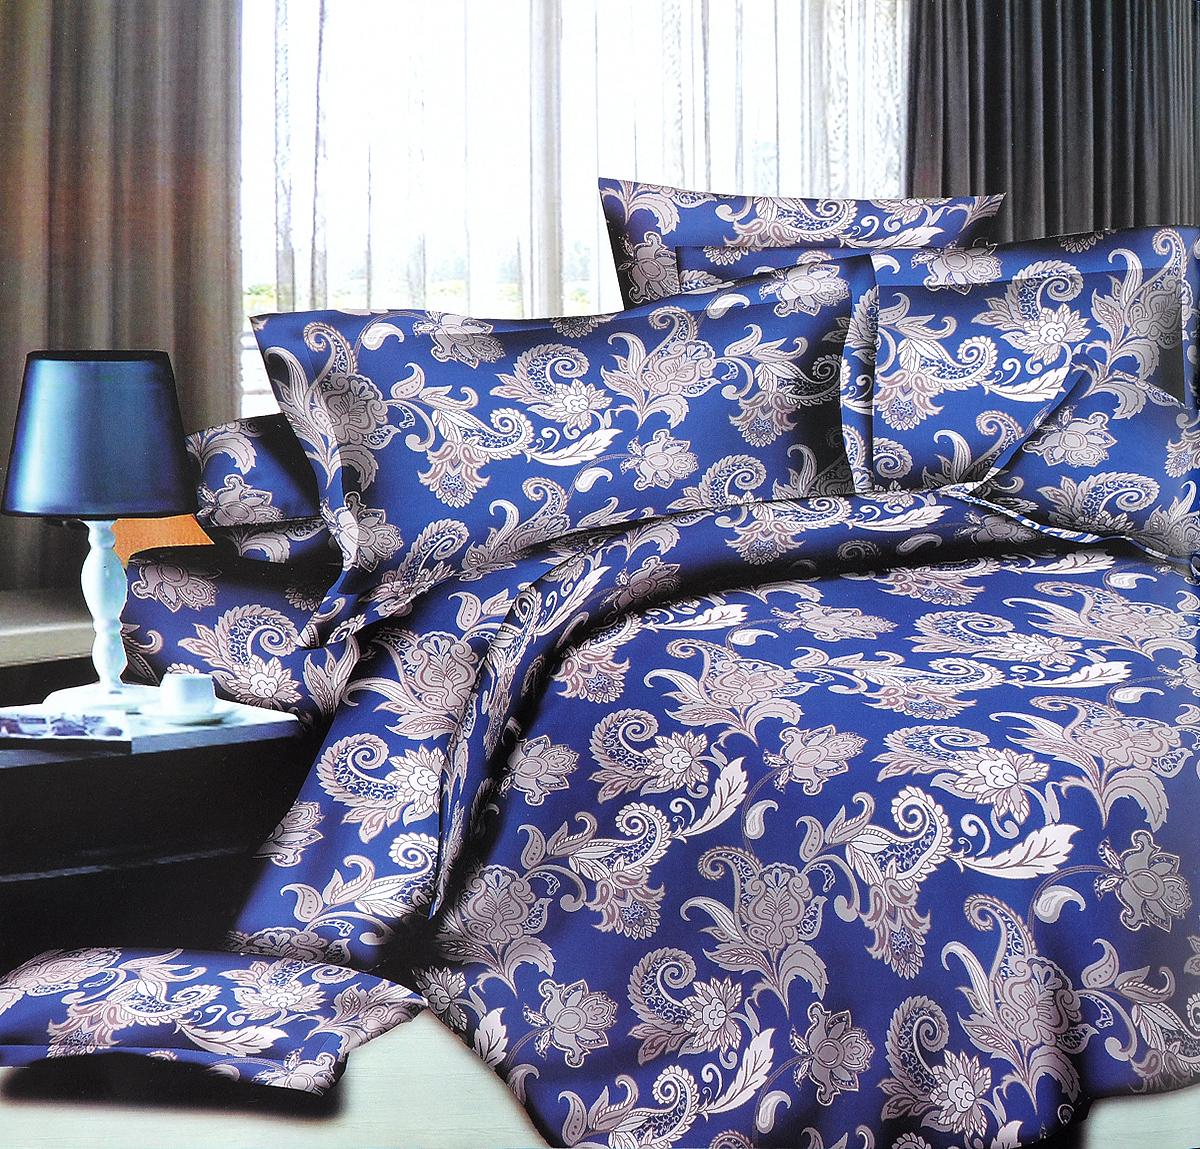 Комплект белья ЭГО Узор, 1,5-спальный, наволочки 70x70PANTERA SPX-2RSКомплект постельного белья ЭГО Узор выполнен из полисатина (50% хлопка, 50% полиэстера). Комплект состоит из пододеяльника, простыни и двух наволочек. Постельное белье, оформленное оригинальным принтом, имеет изысканный внешний вид и яркую цветовую гамму. Наволочки застегиваются на клапаны. Гладкая структура делает ткань приятной на ощупь, мягкой и нежной, при этом она прочная и хорошо сохраняет форму. Ткань легко гладится, не линяет и не садится. Благодаря такому комплекту постельного белья вы сможете создать атмосферу роскоши и романтики в вашей спальне.